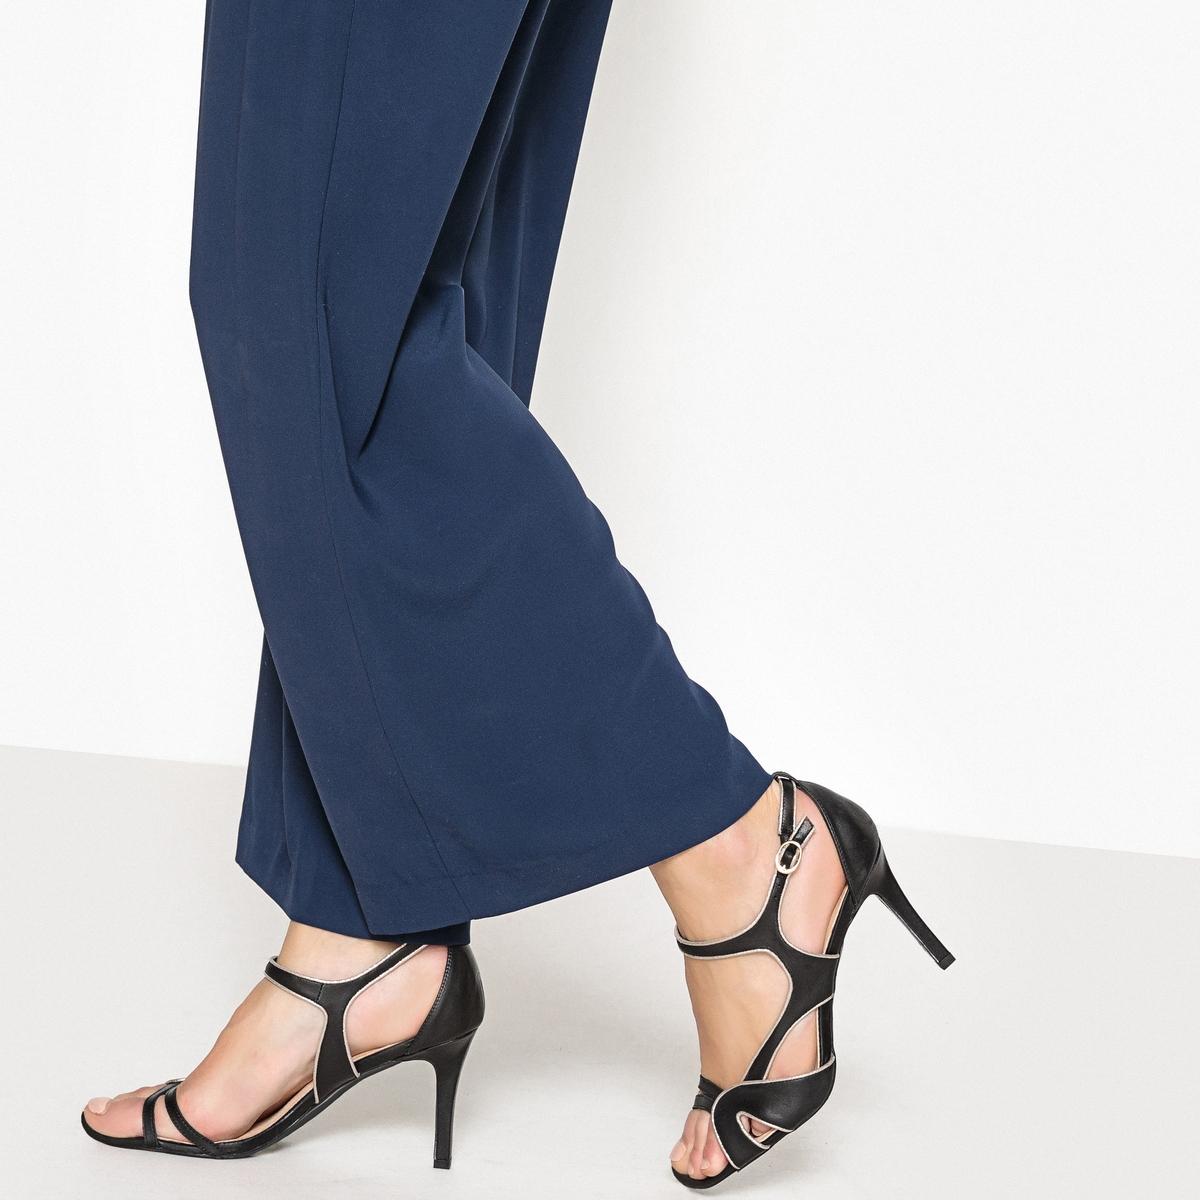 Sandalias de piel con correas asimétricas